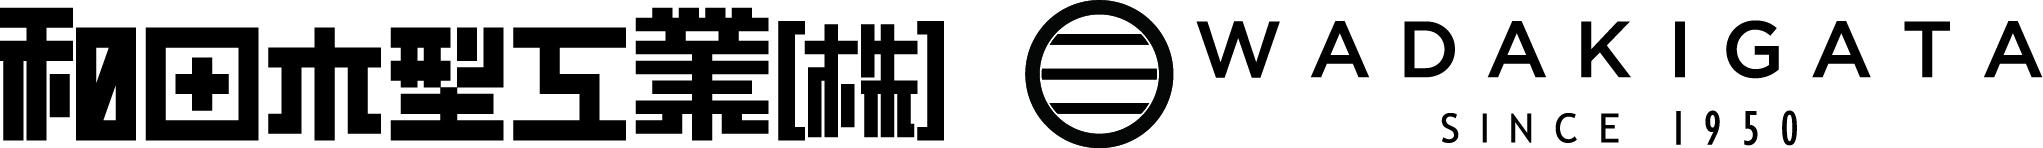 和田木型工業株式会社/WADAKIGATA